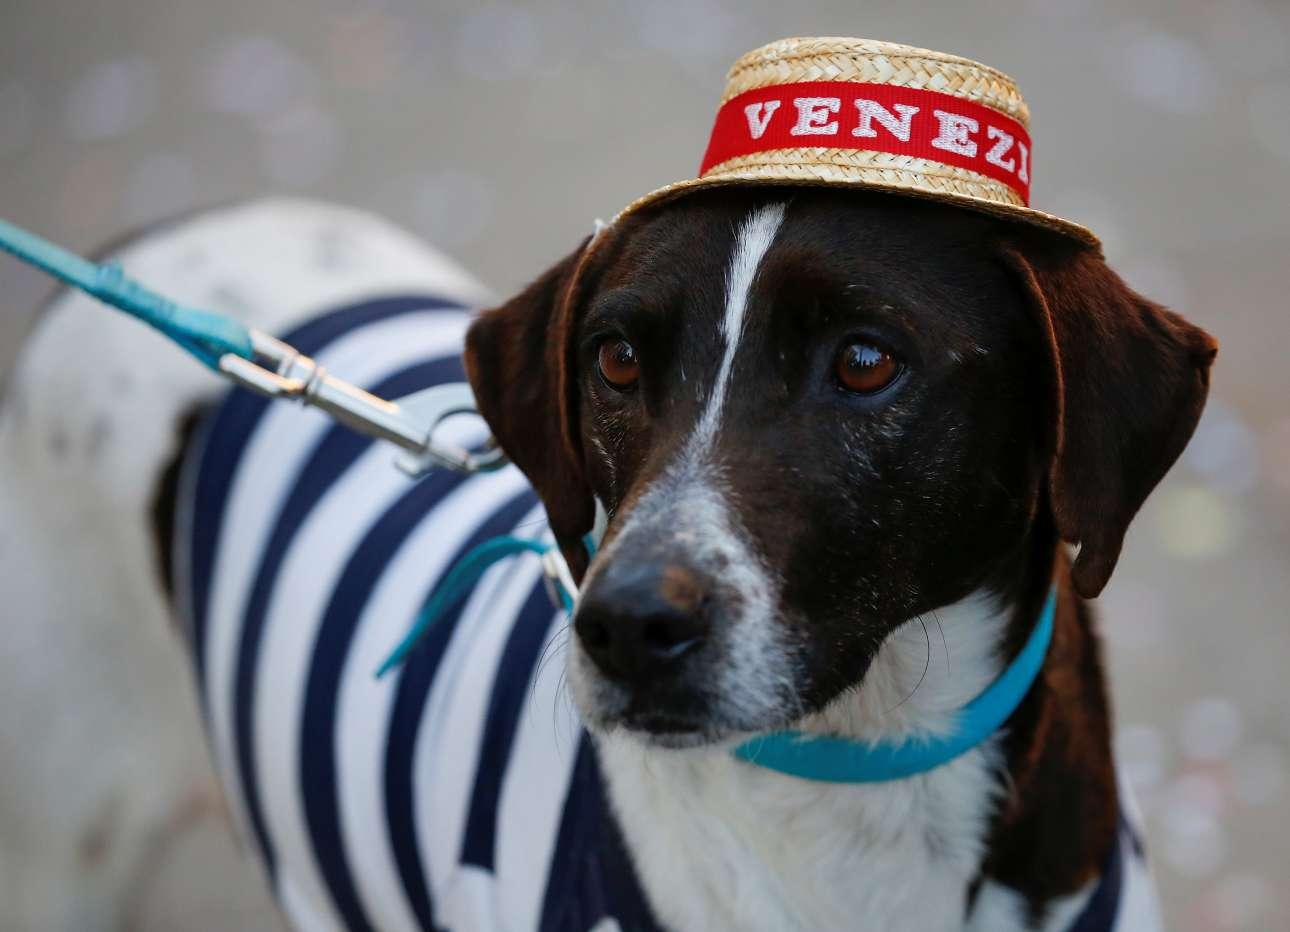 Από το αποκριάτικο κλίμα δεν λείπουν ούτε τα ζώα...ένας πανέμορφος σκύλος ντυμένος γονδολιέρης